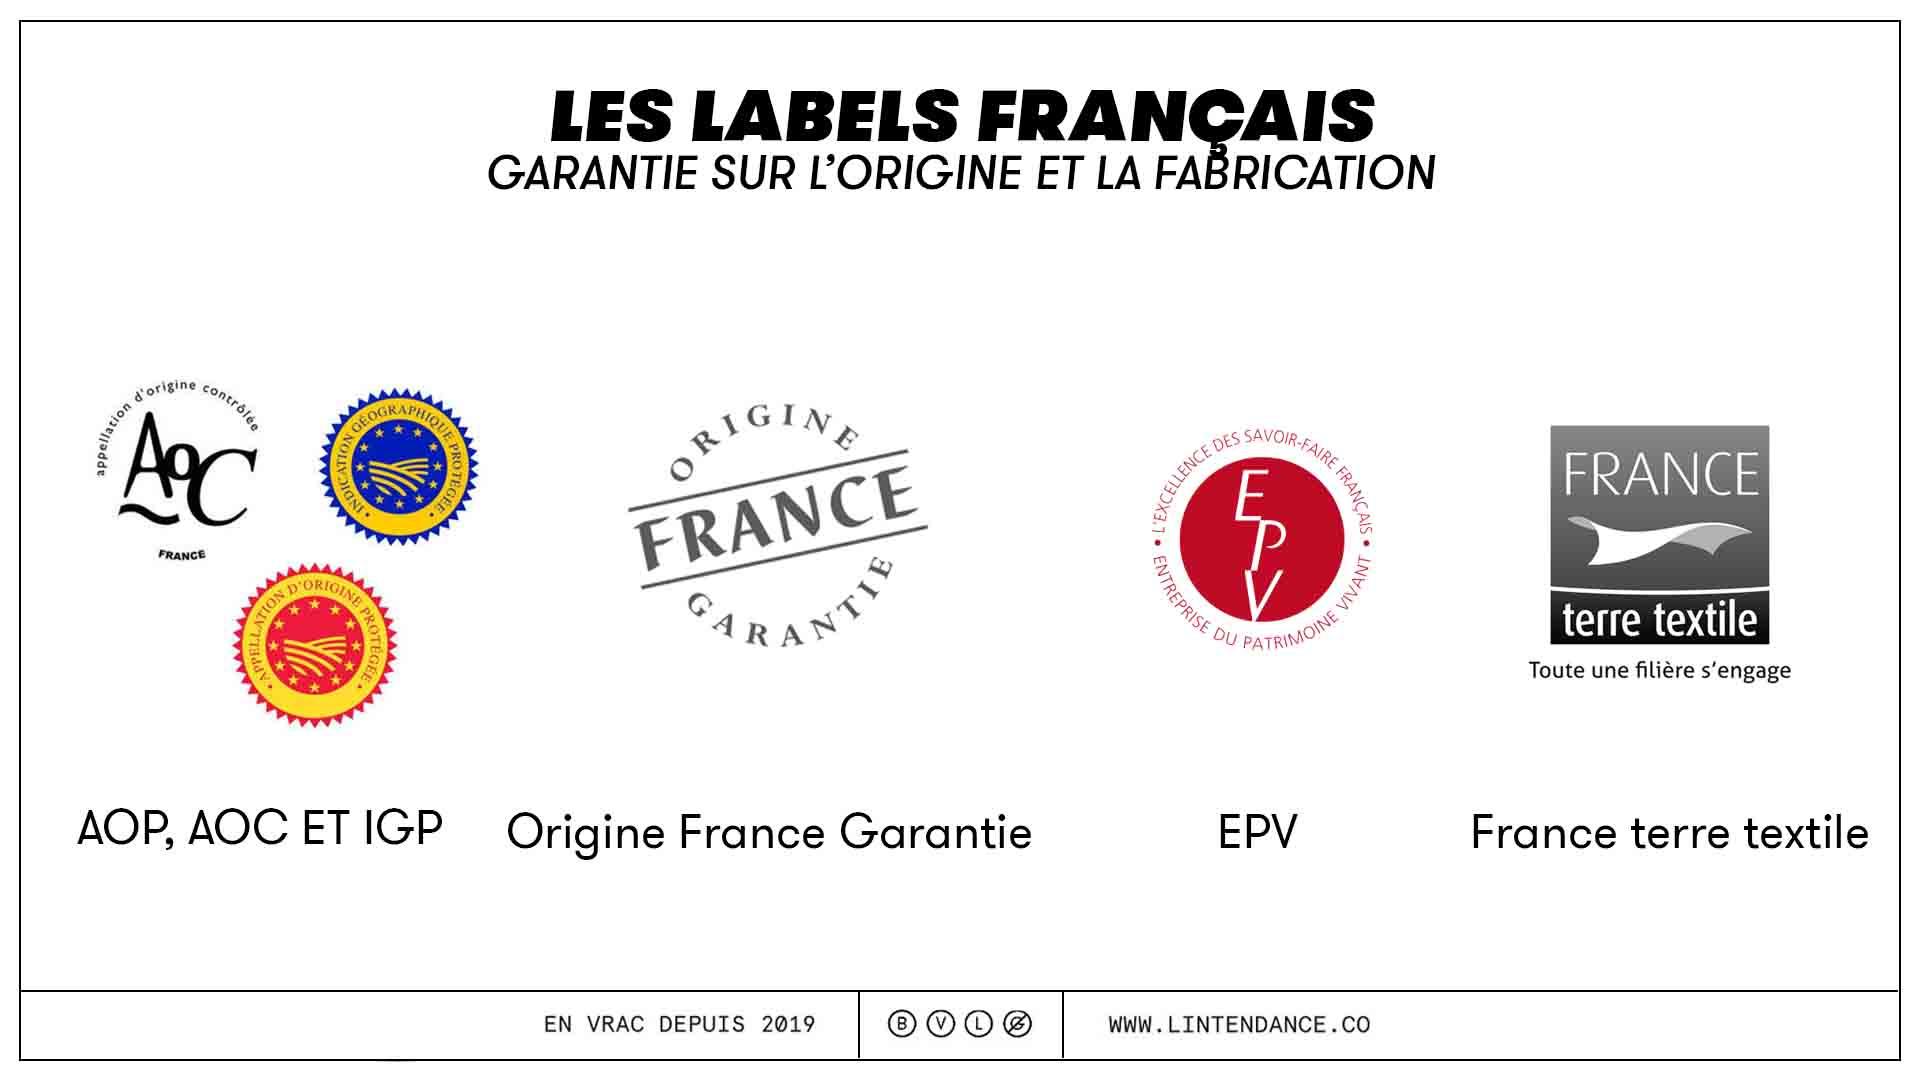 Labels français acheter produits made in France